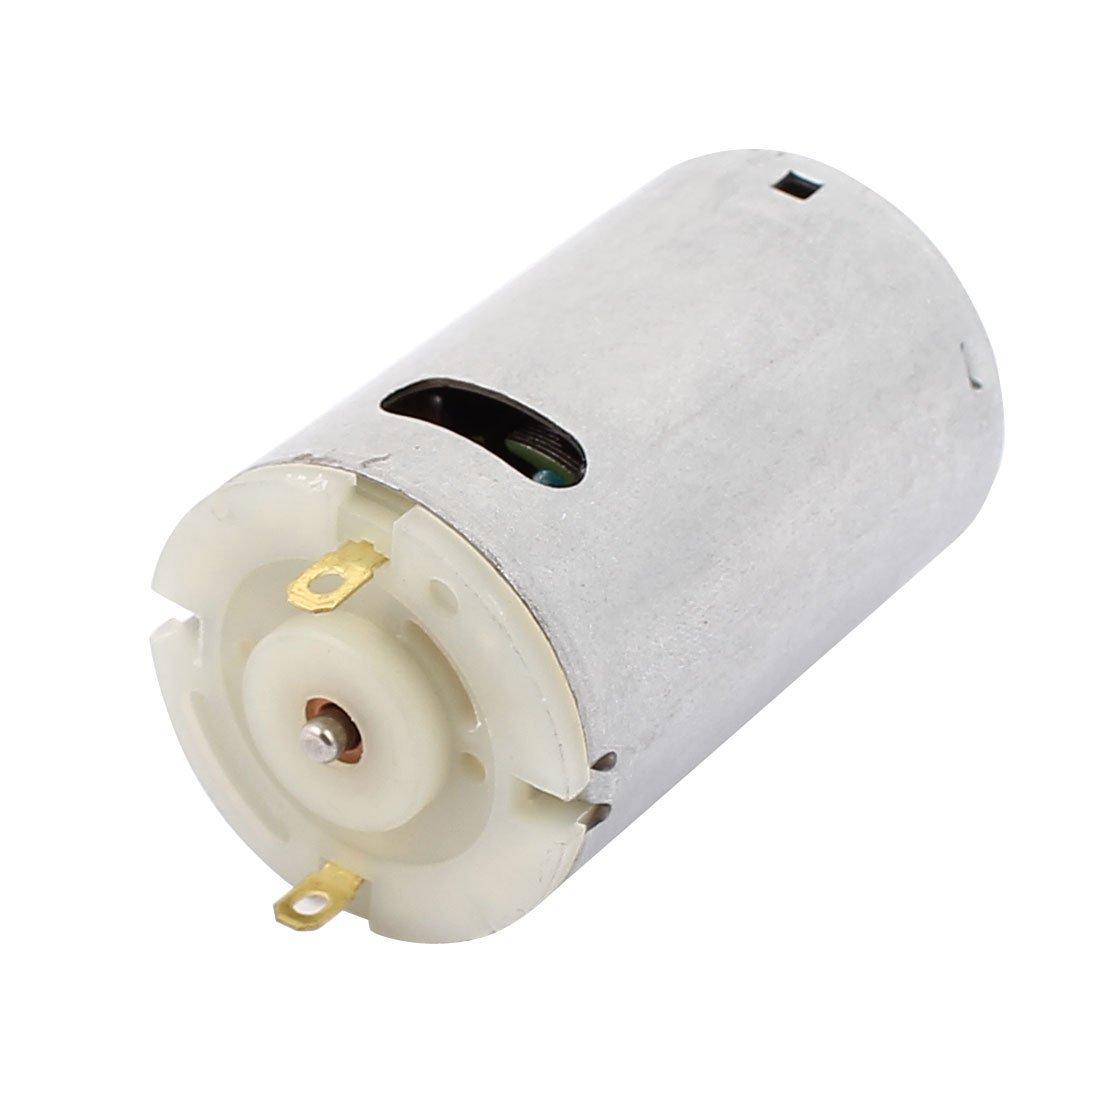 eDealMax DC 7V-12V 18000rpm Micro Motor DC Para juguetes de Control remoto del Robot de coches piezas de bricolaje: Amazon.com: Industrial & Scientific